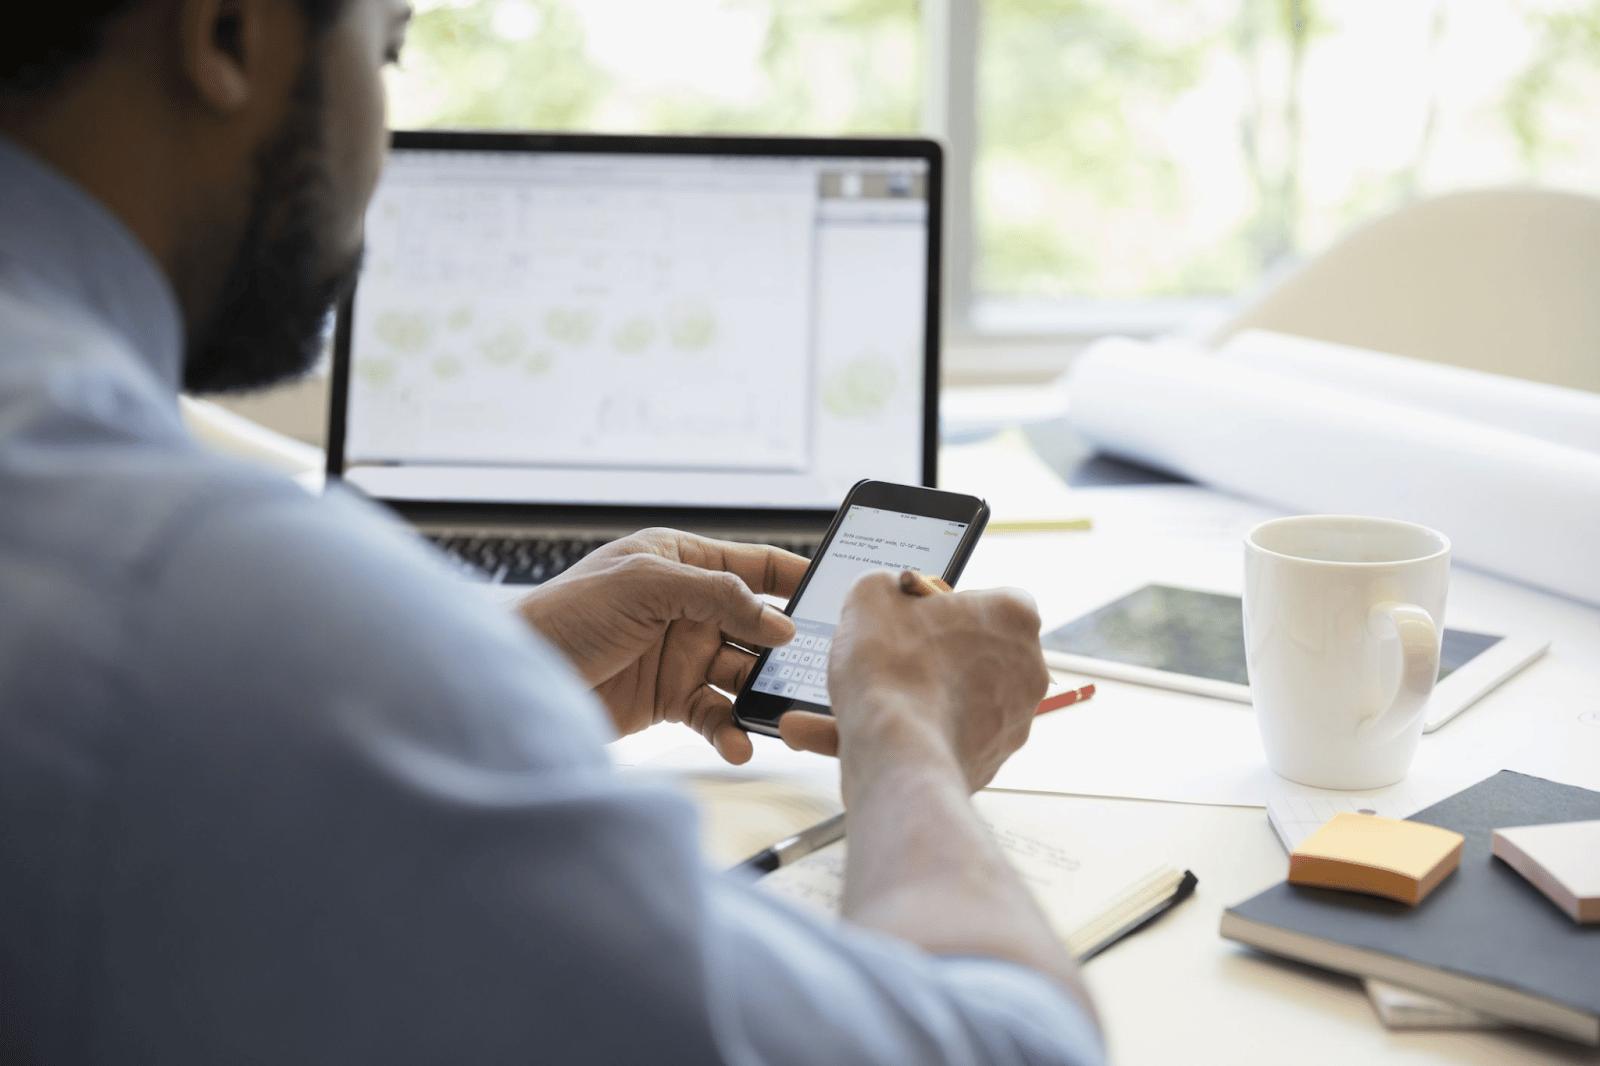 Hoạt động chăm sóc, sale qua điện thoại tưởng chừng giản đơn tuy nhiên không phải vậy, để chiều lòng được hiệu quả công việc các điện thoại viên cần nắm vững nhiều kỹ năng